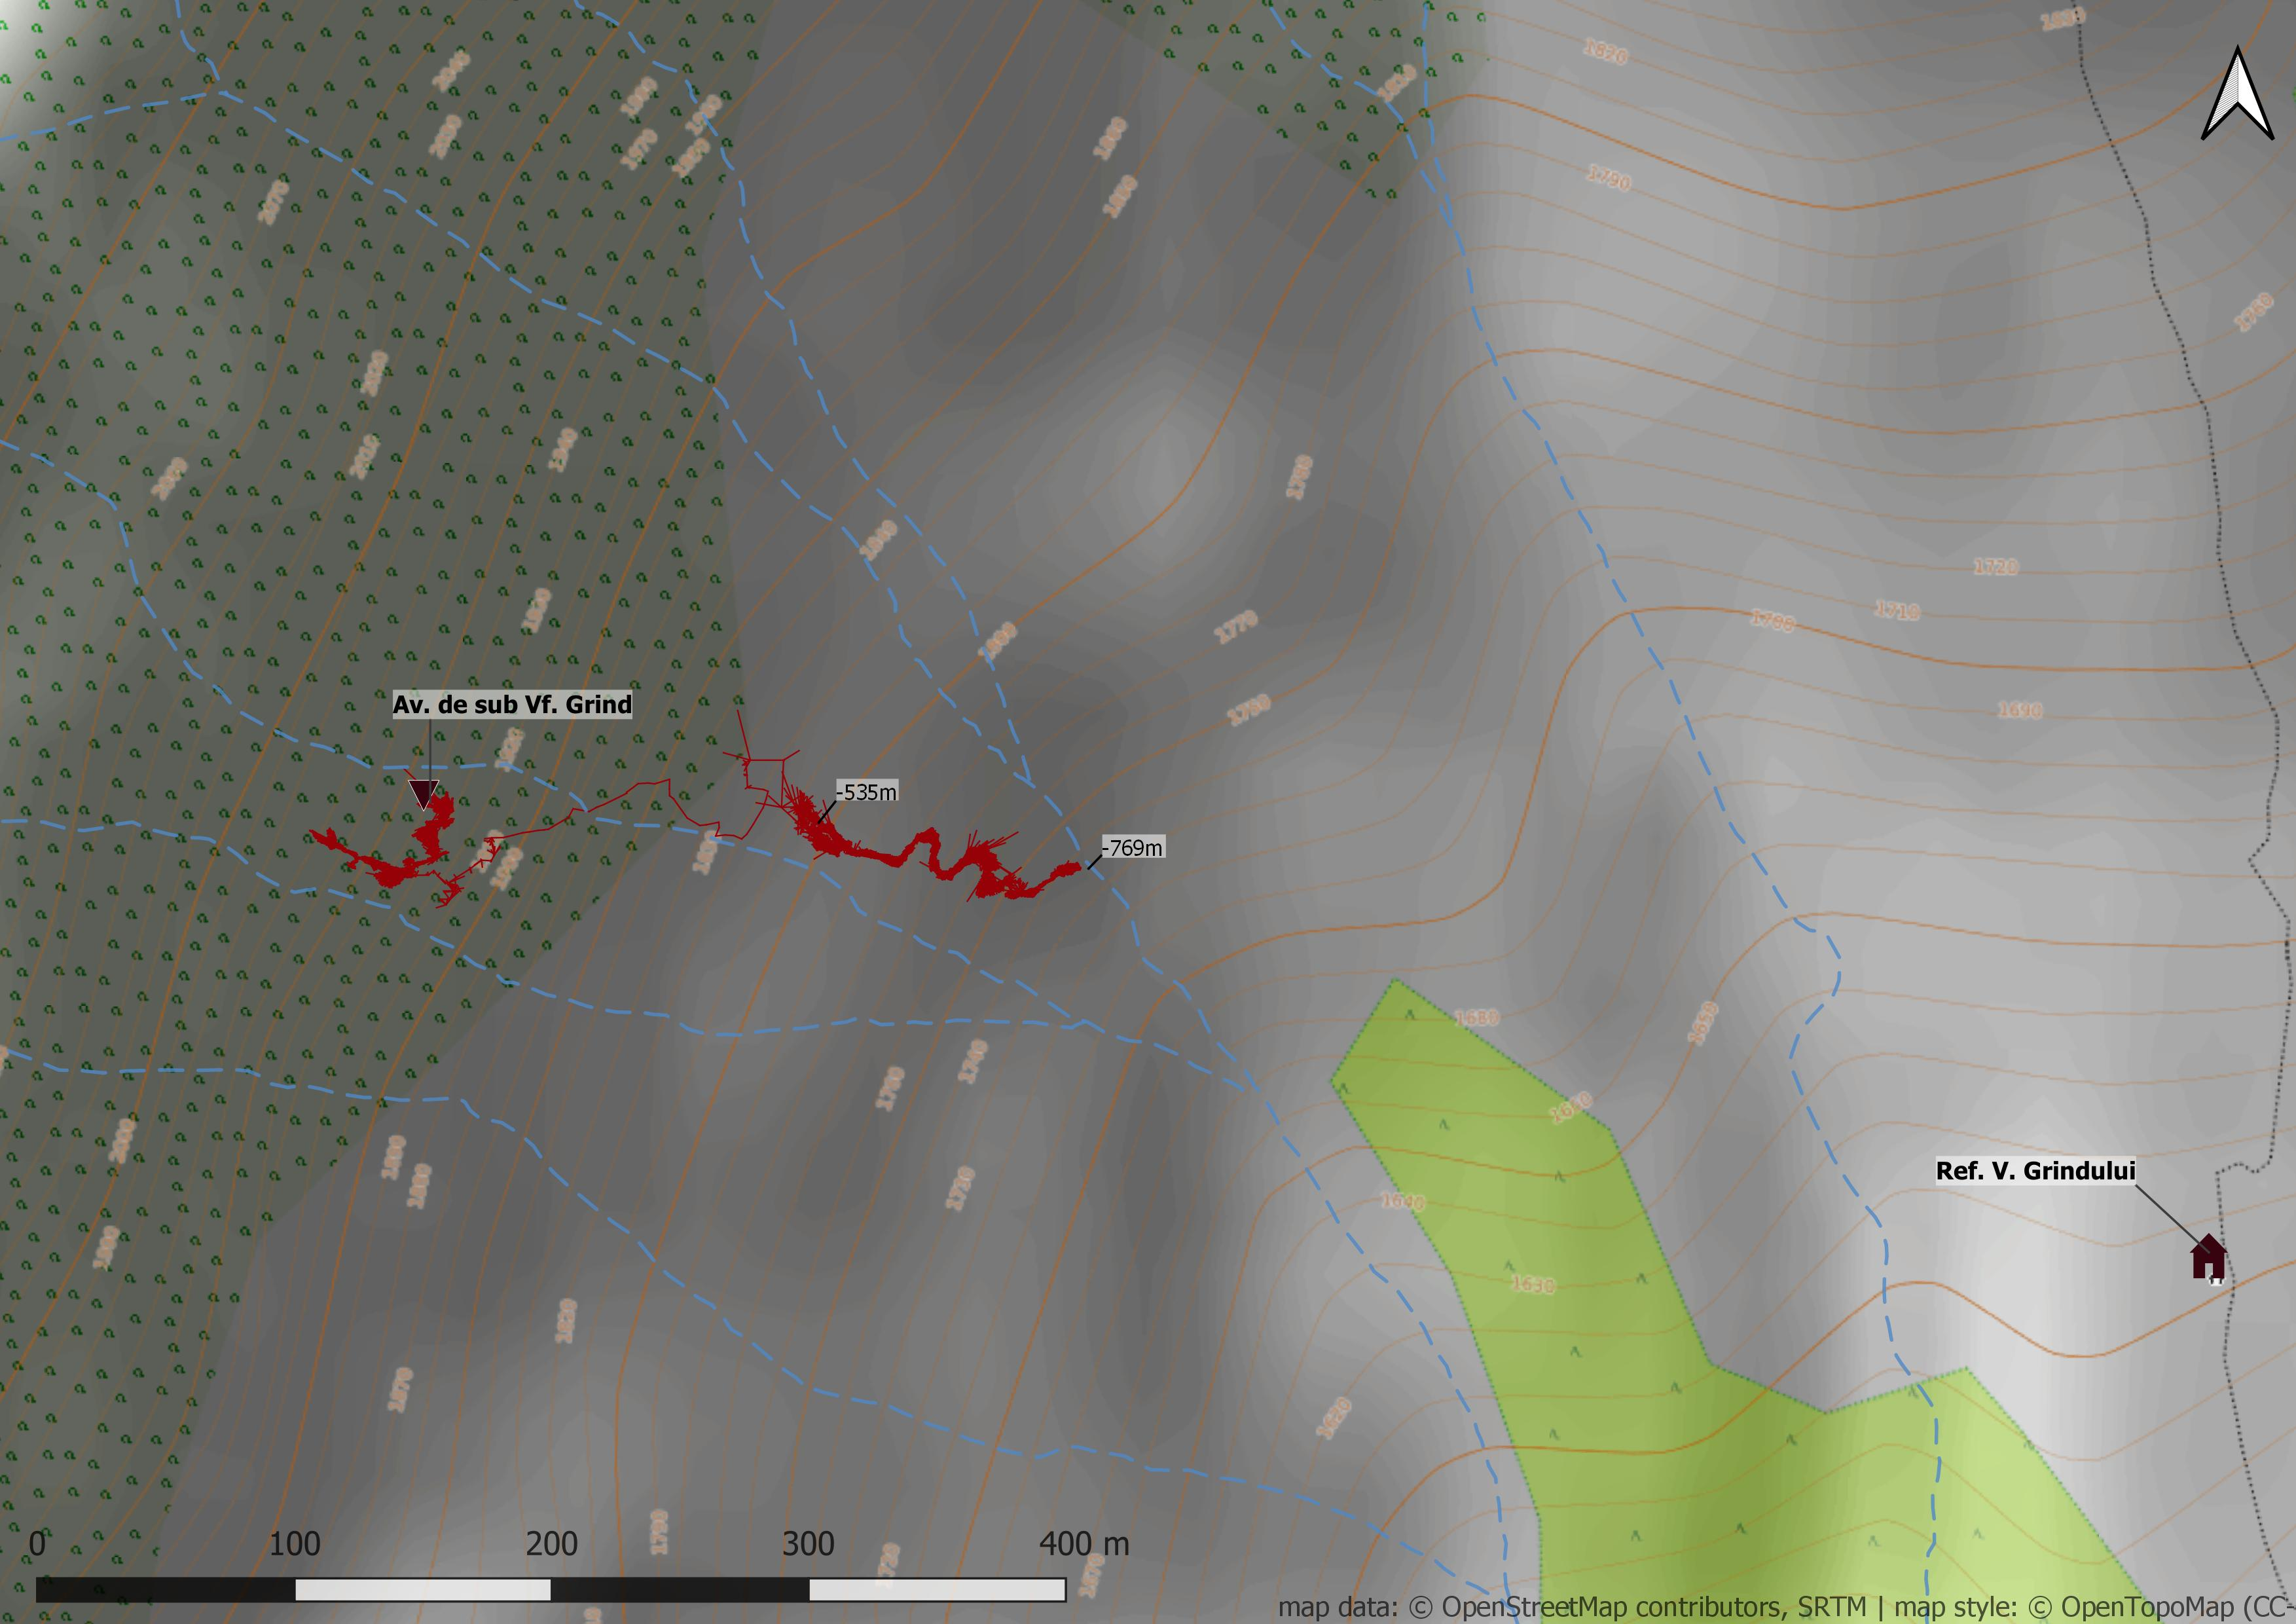 Avenul de sub Vârful Grind - hartă suprafață